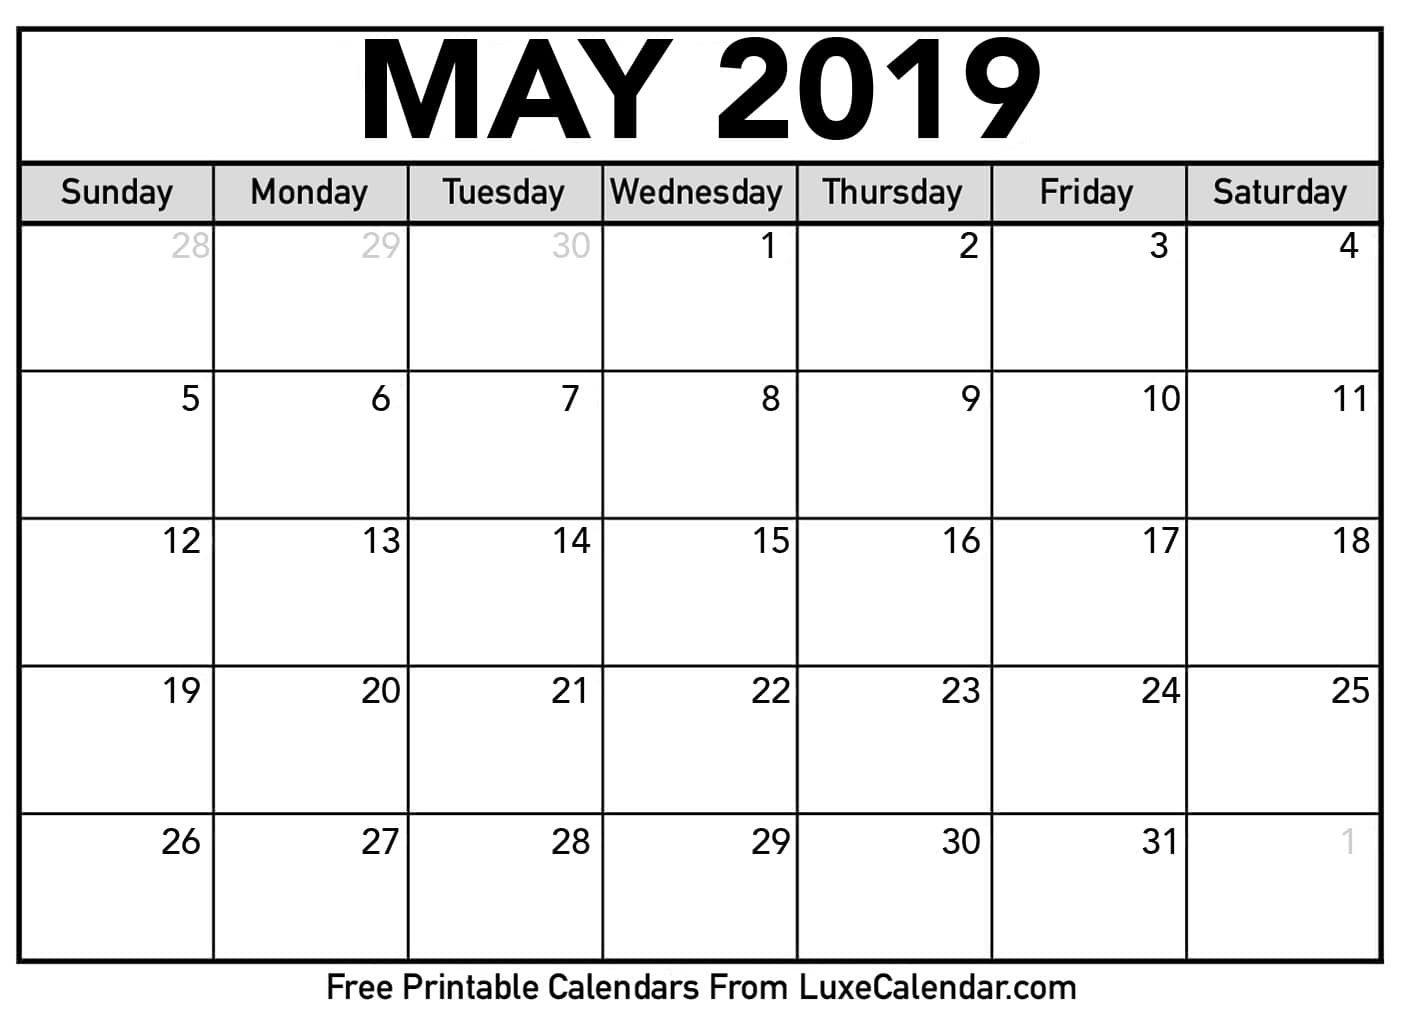 Blank May 2019 Calendar Printable – Luxe Calendar May 8 2019 Calendar